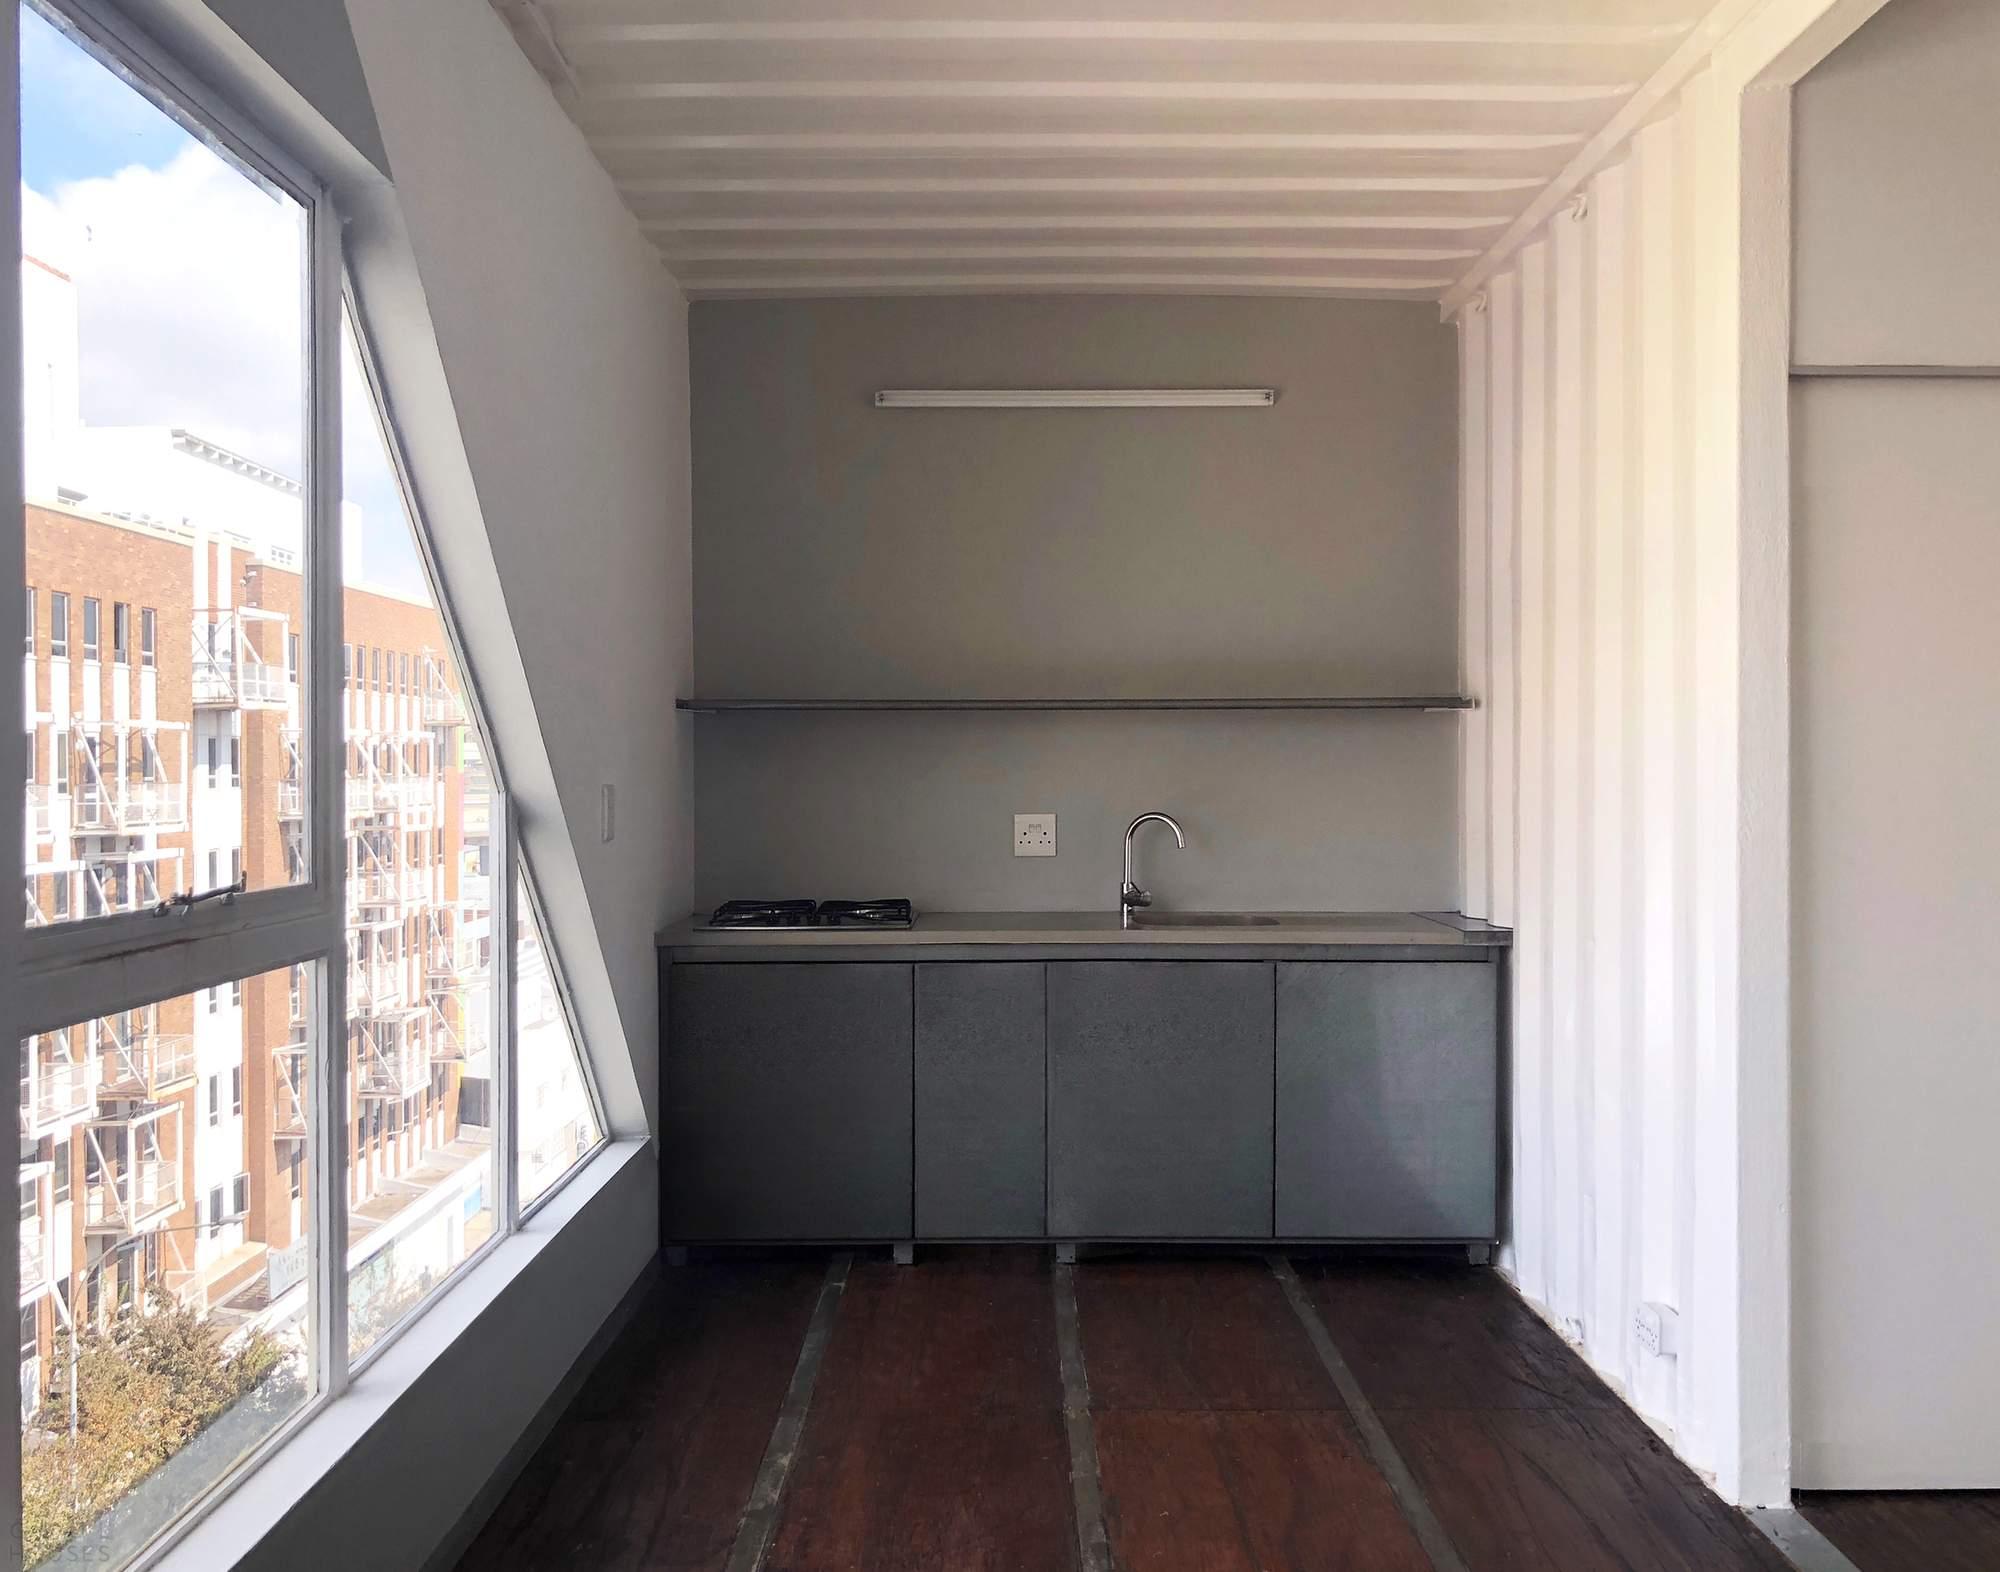 Многоквартирный дом из контейнеров в Йоханнесбурге, Южная Африка